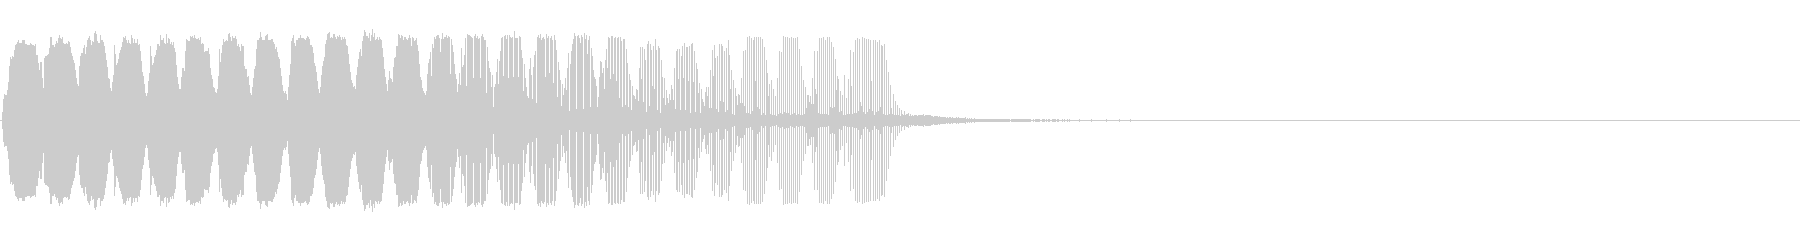 サックスの効果音5 作業中 ころころの未再生の波形